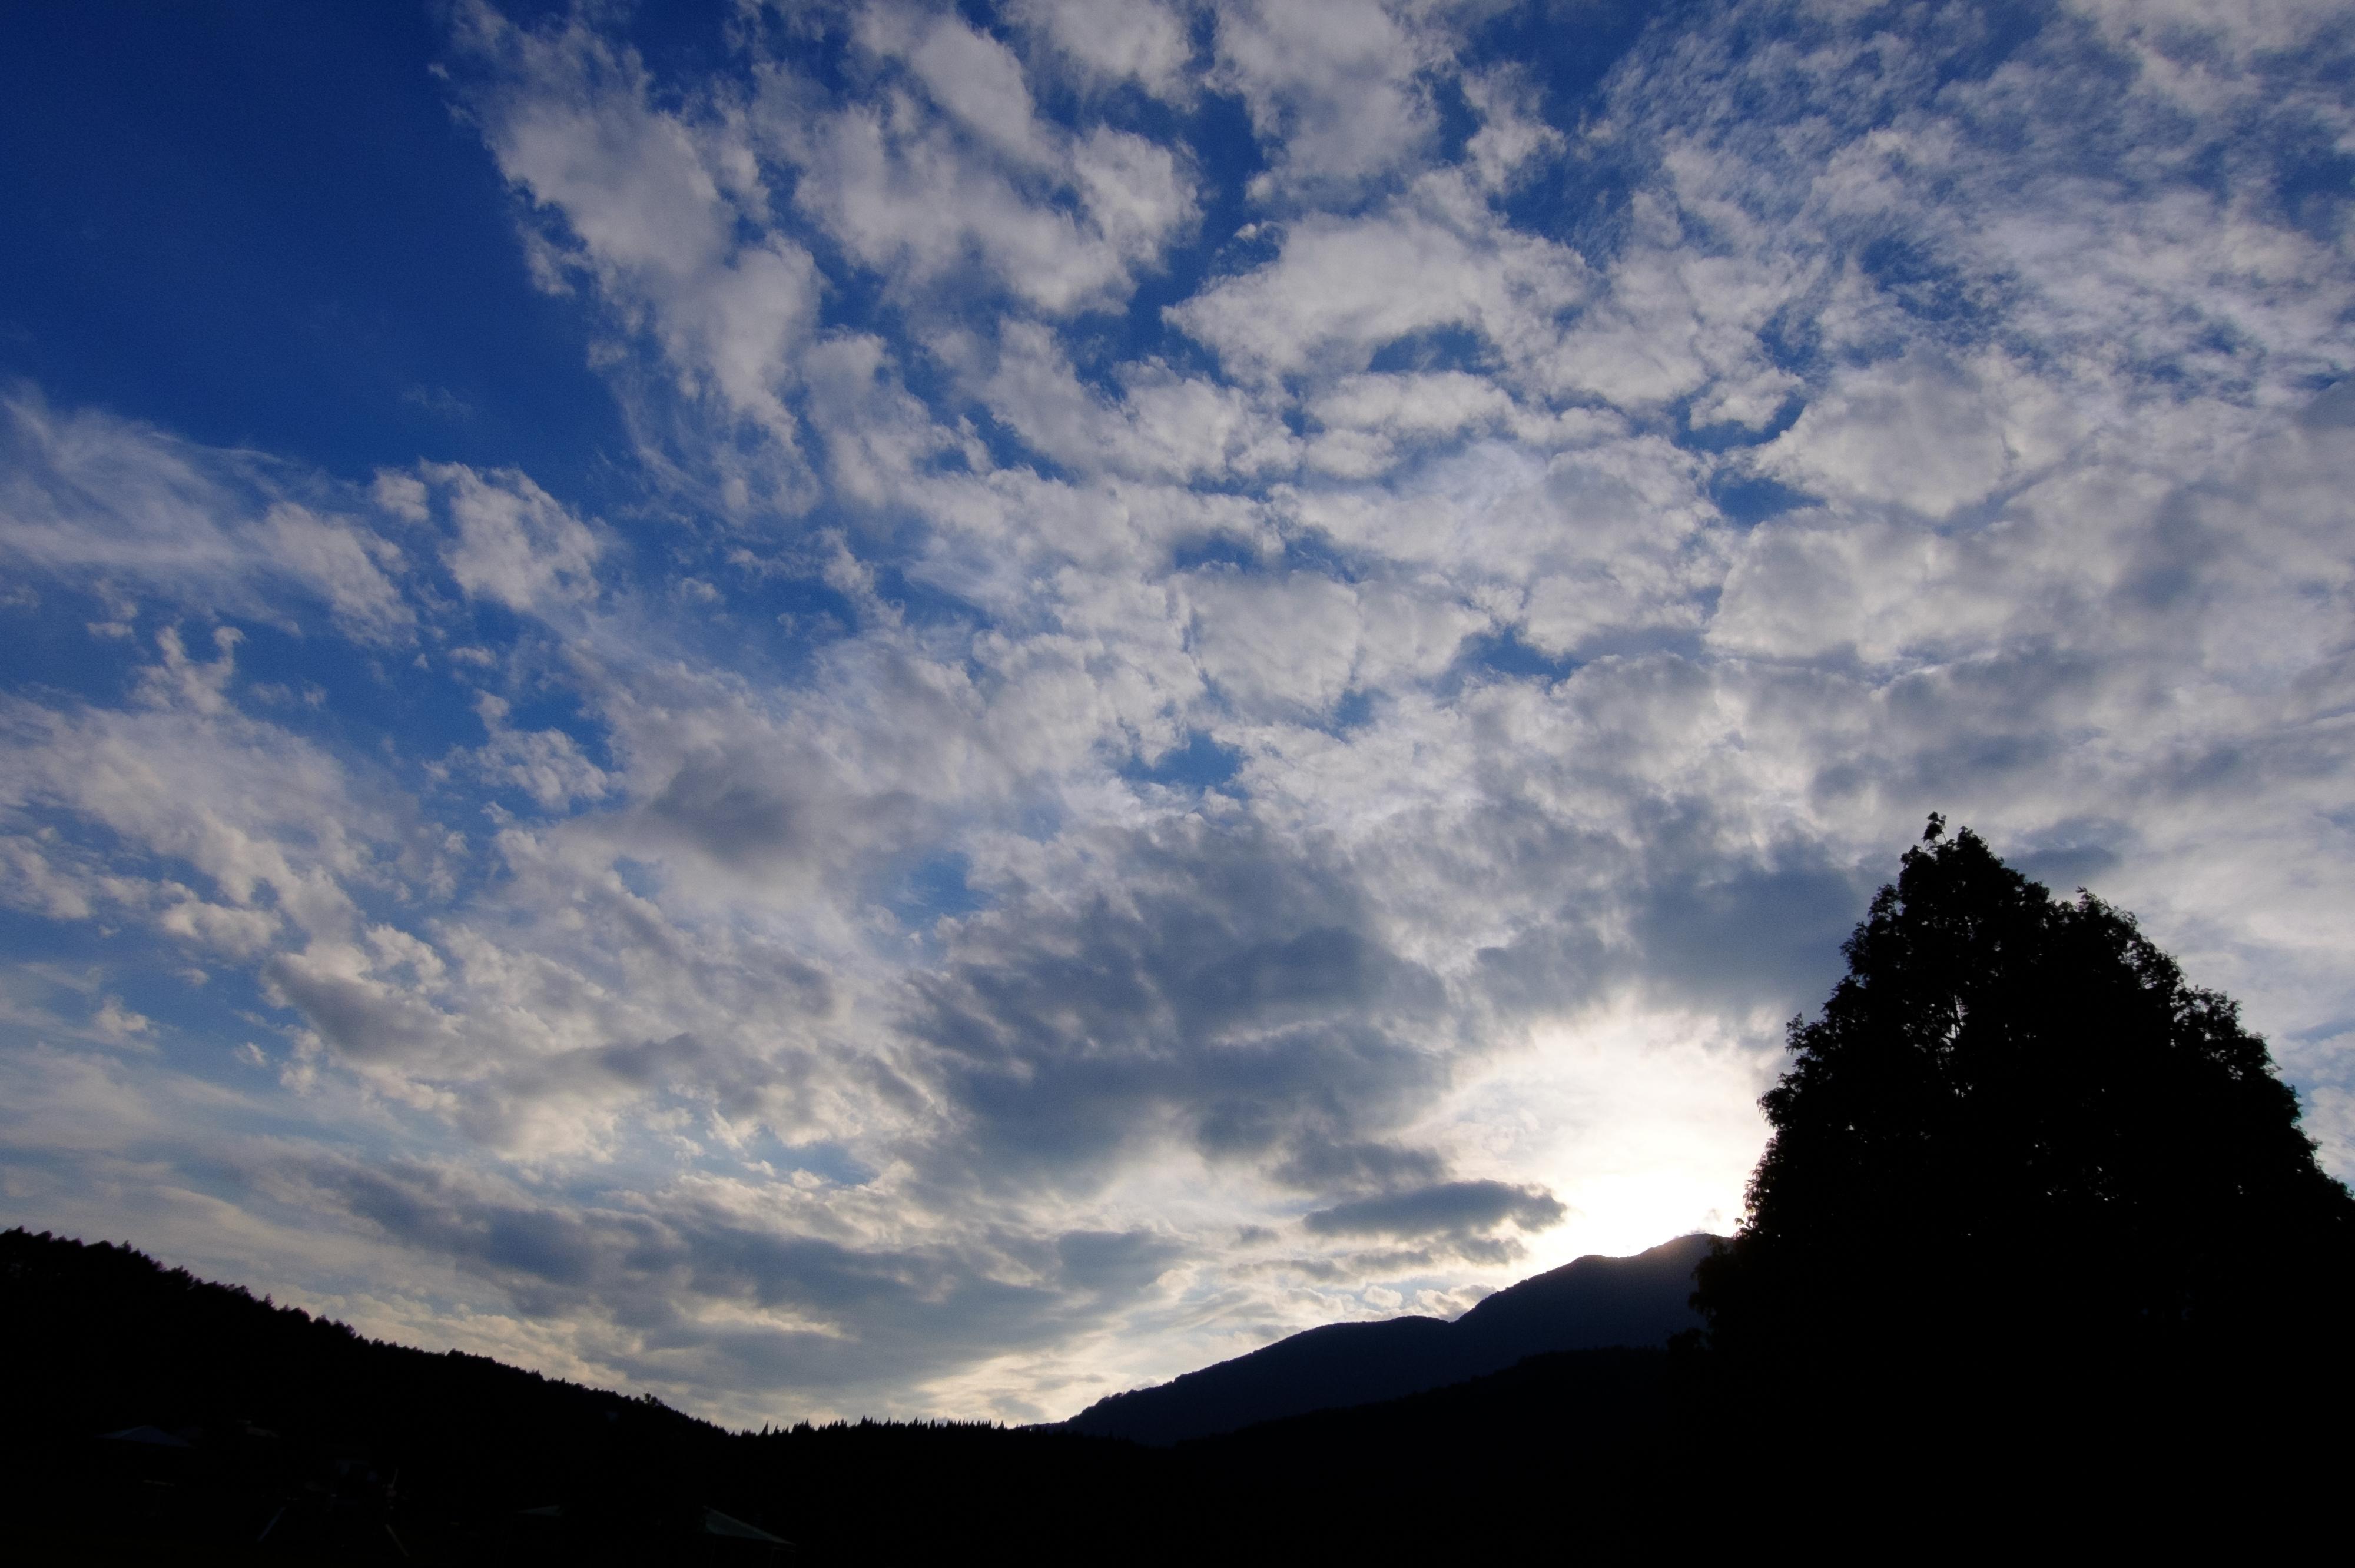 http://www.art-photo.jp/blog/archives/images/2014.09.27/DSCF0895_LR4.jpg